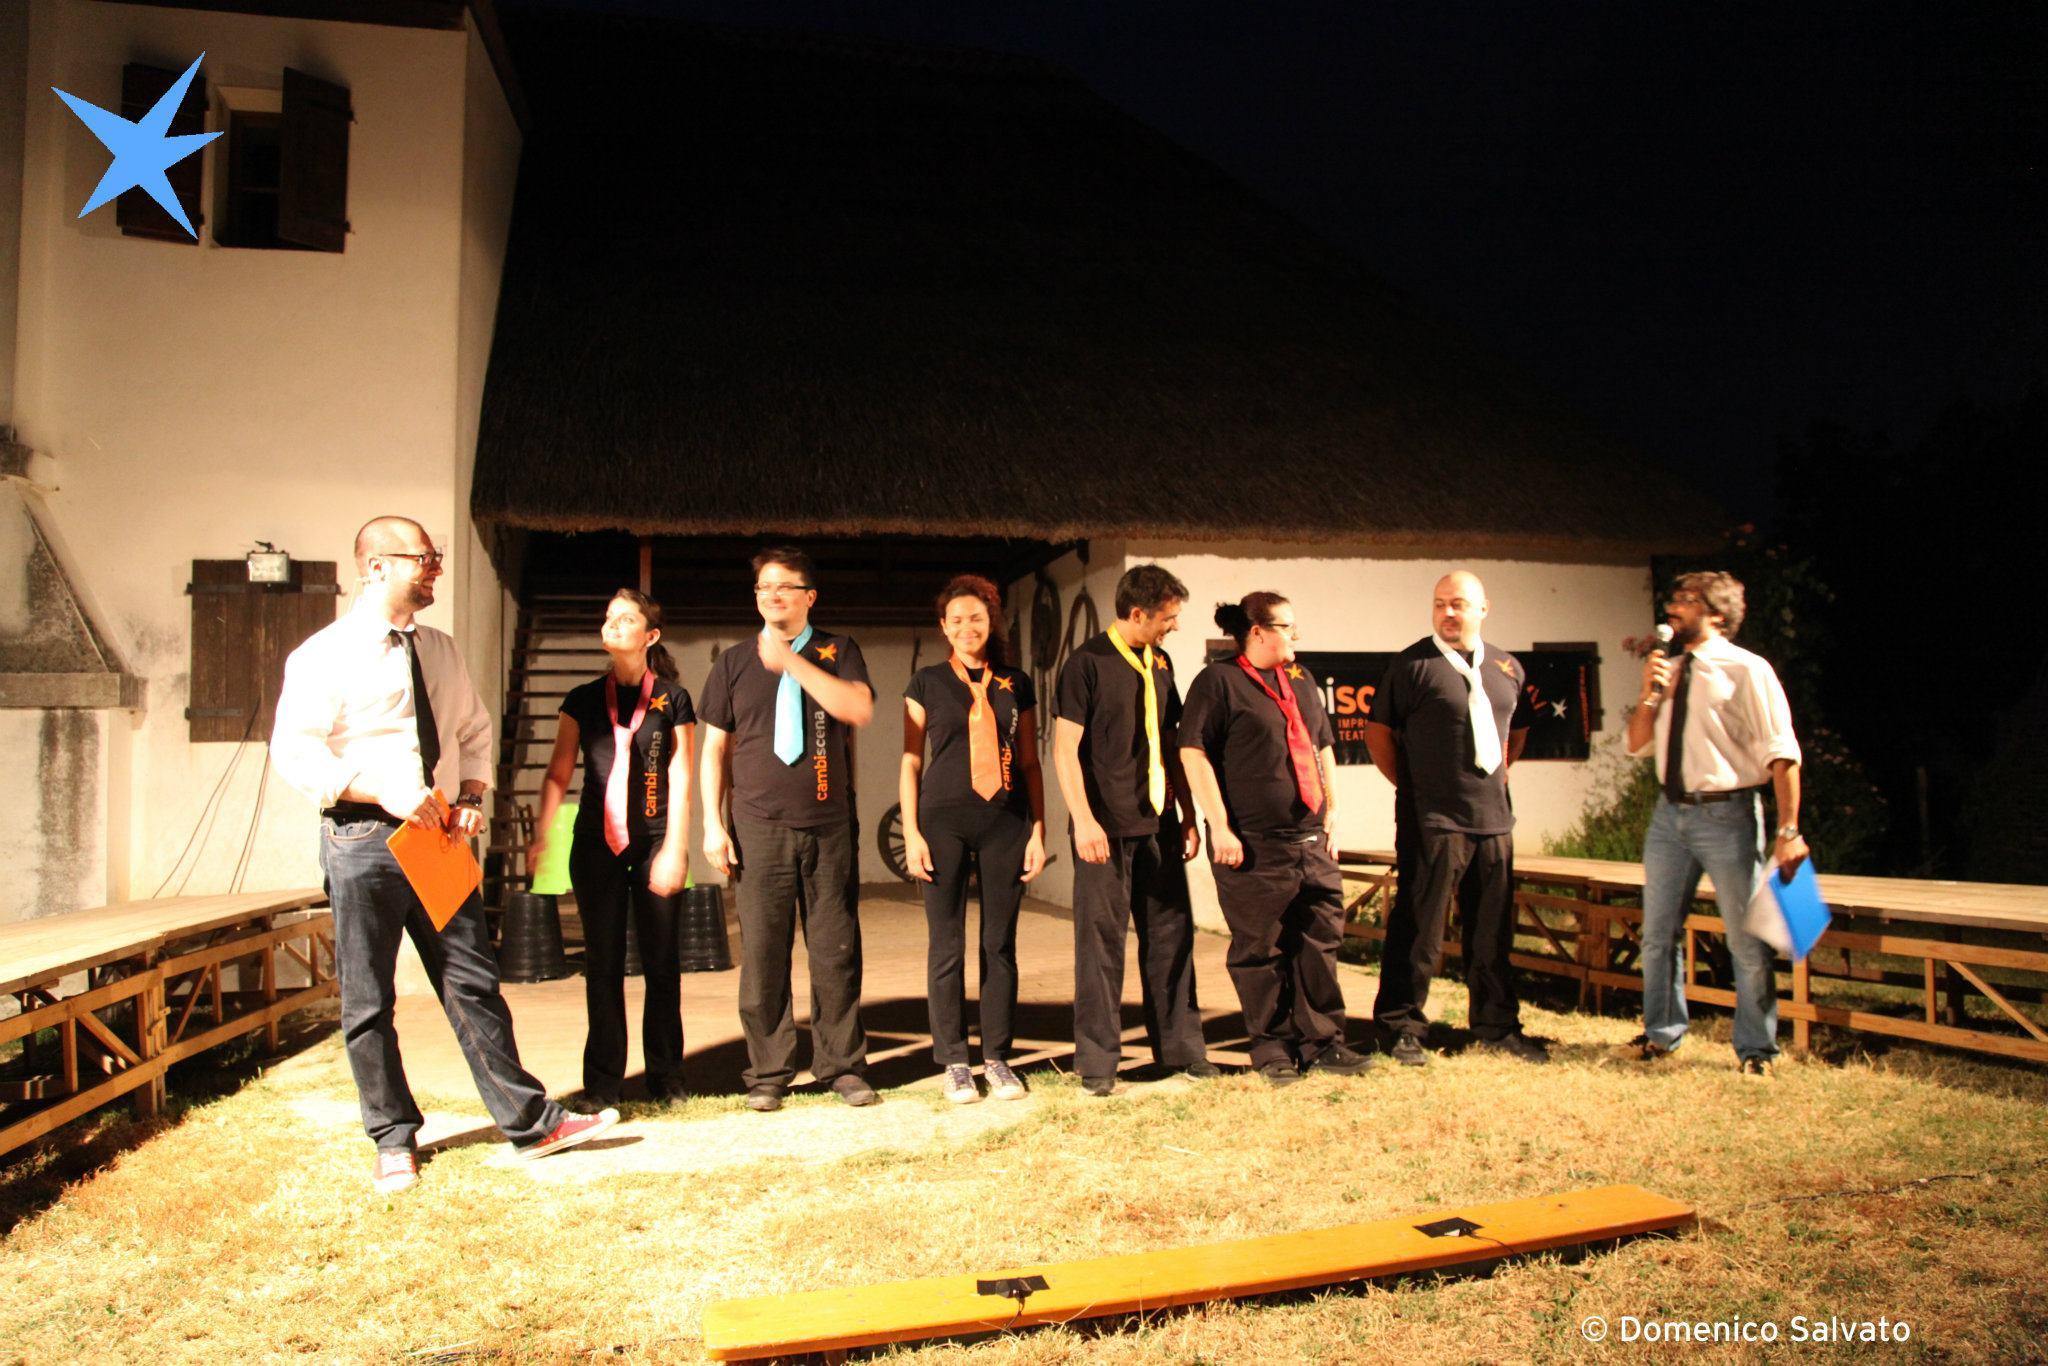 Marted 25 luglio improvvisazione teatrale con cambiscena - Osteria di fuori porta padova ...